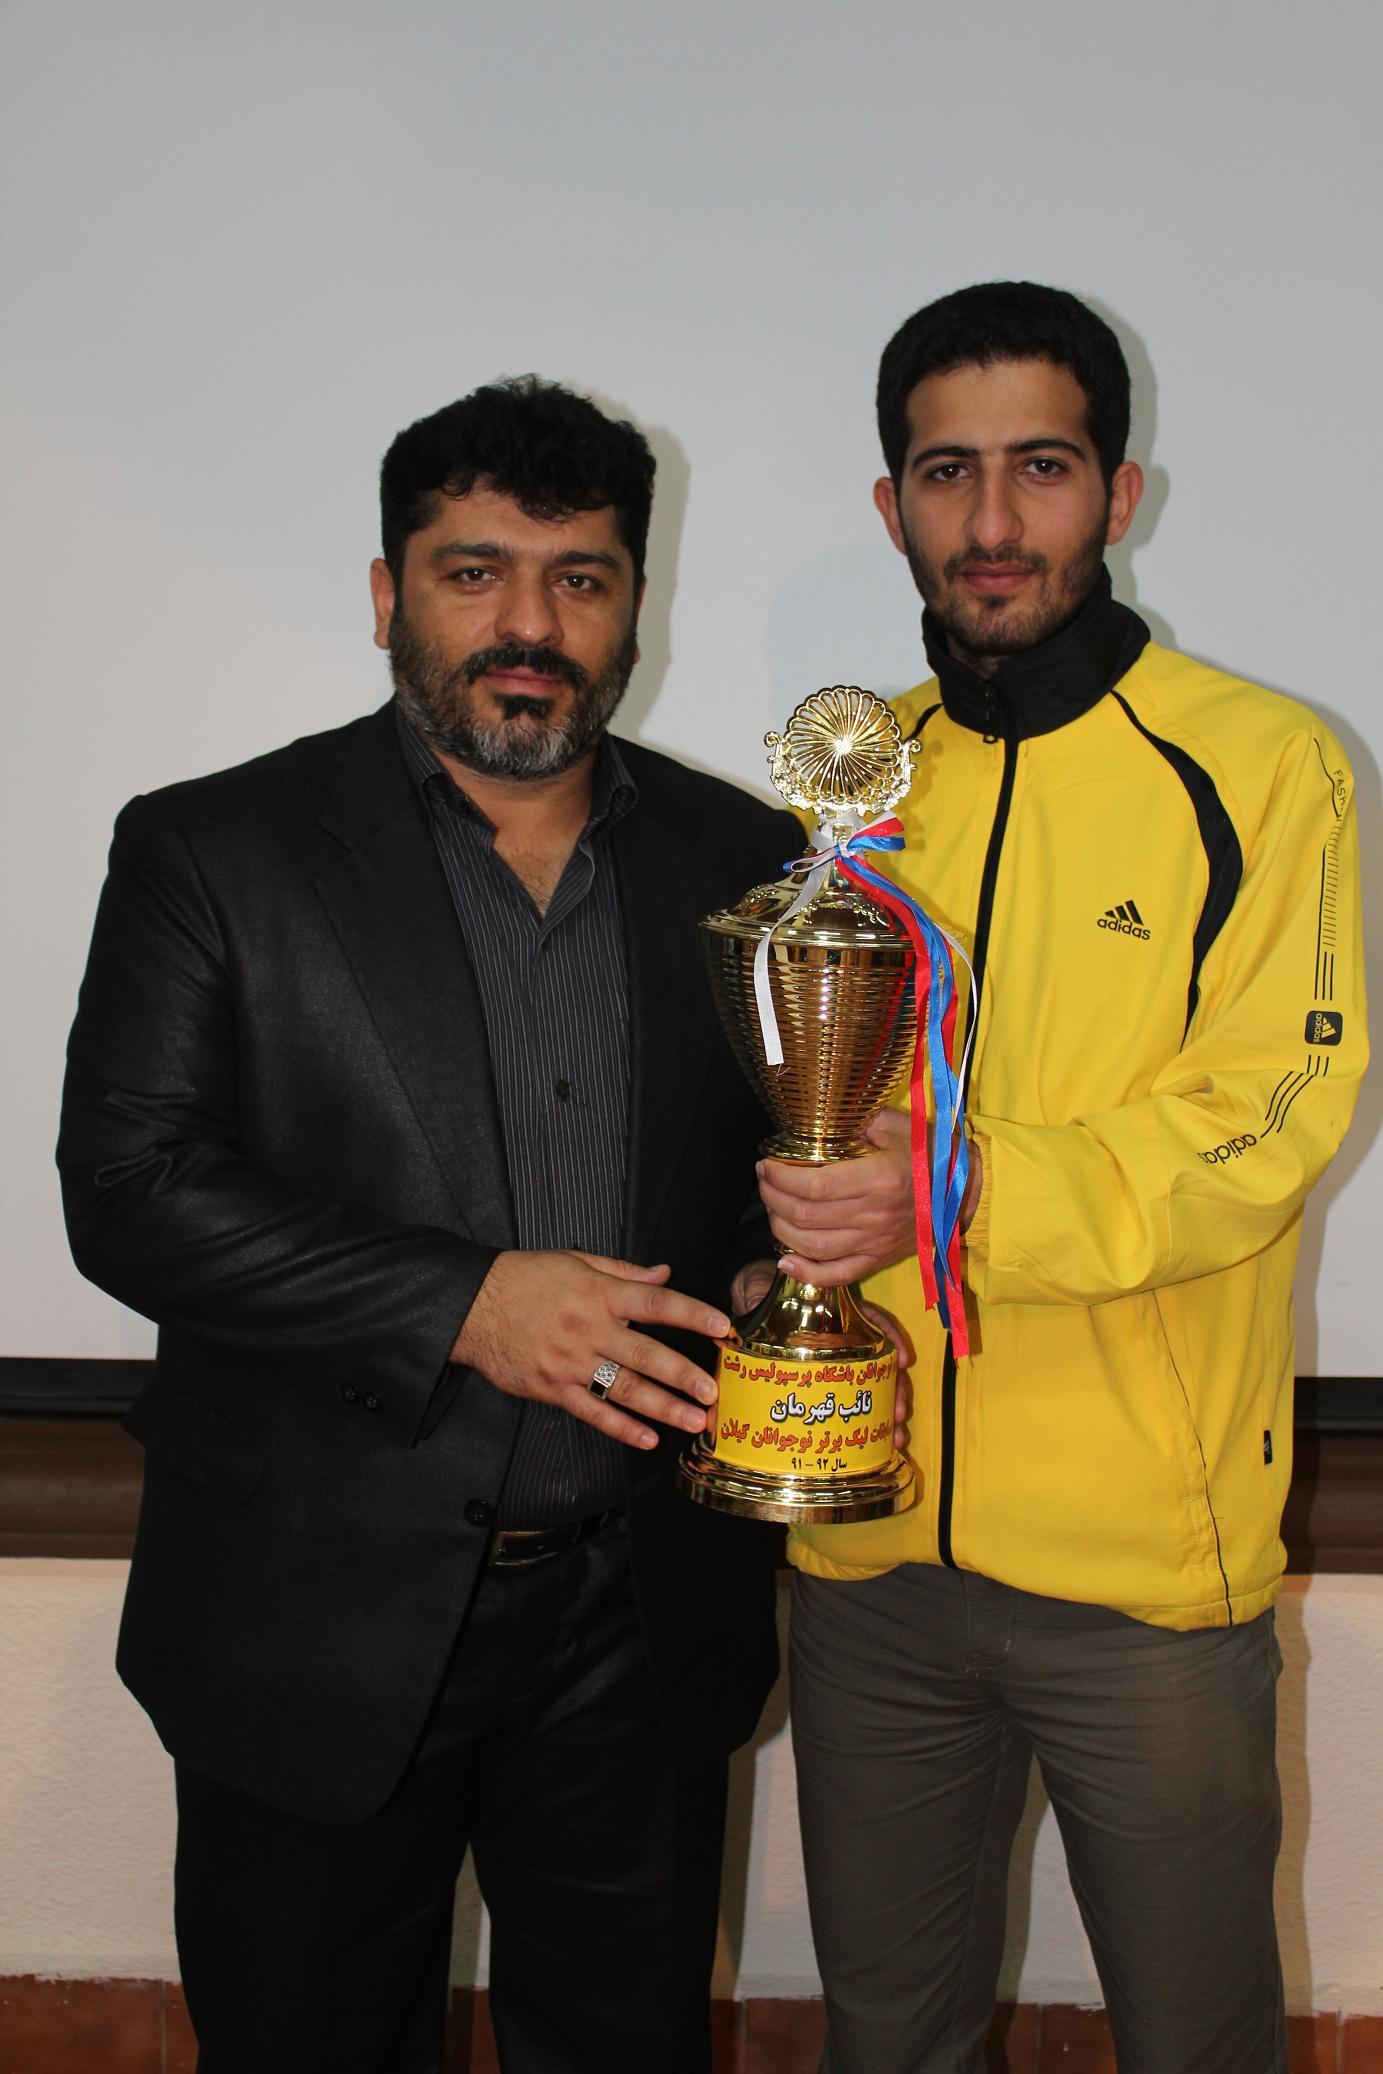 سیدمحمد سیدزاده، سرمربی جدید تیم نوجوانان پرسپولیس رشت